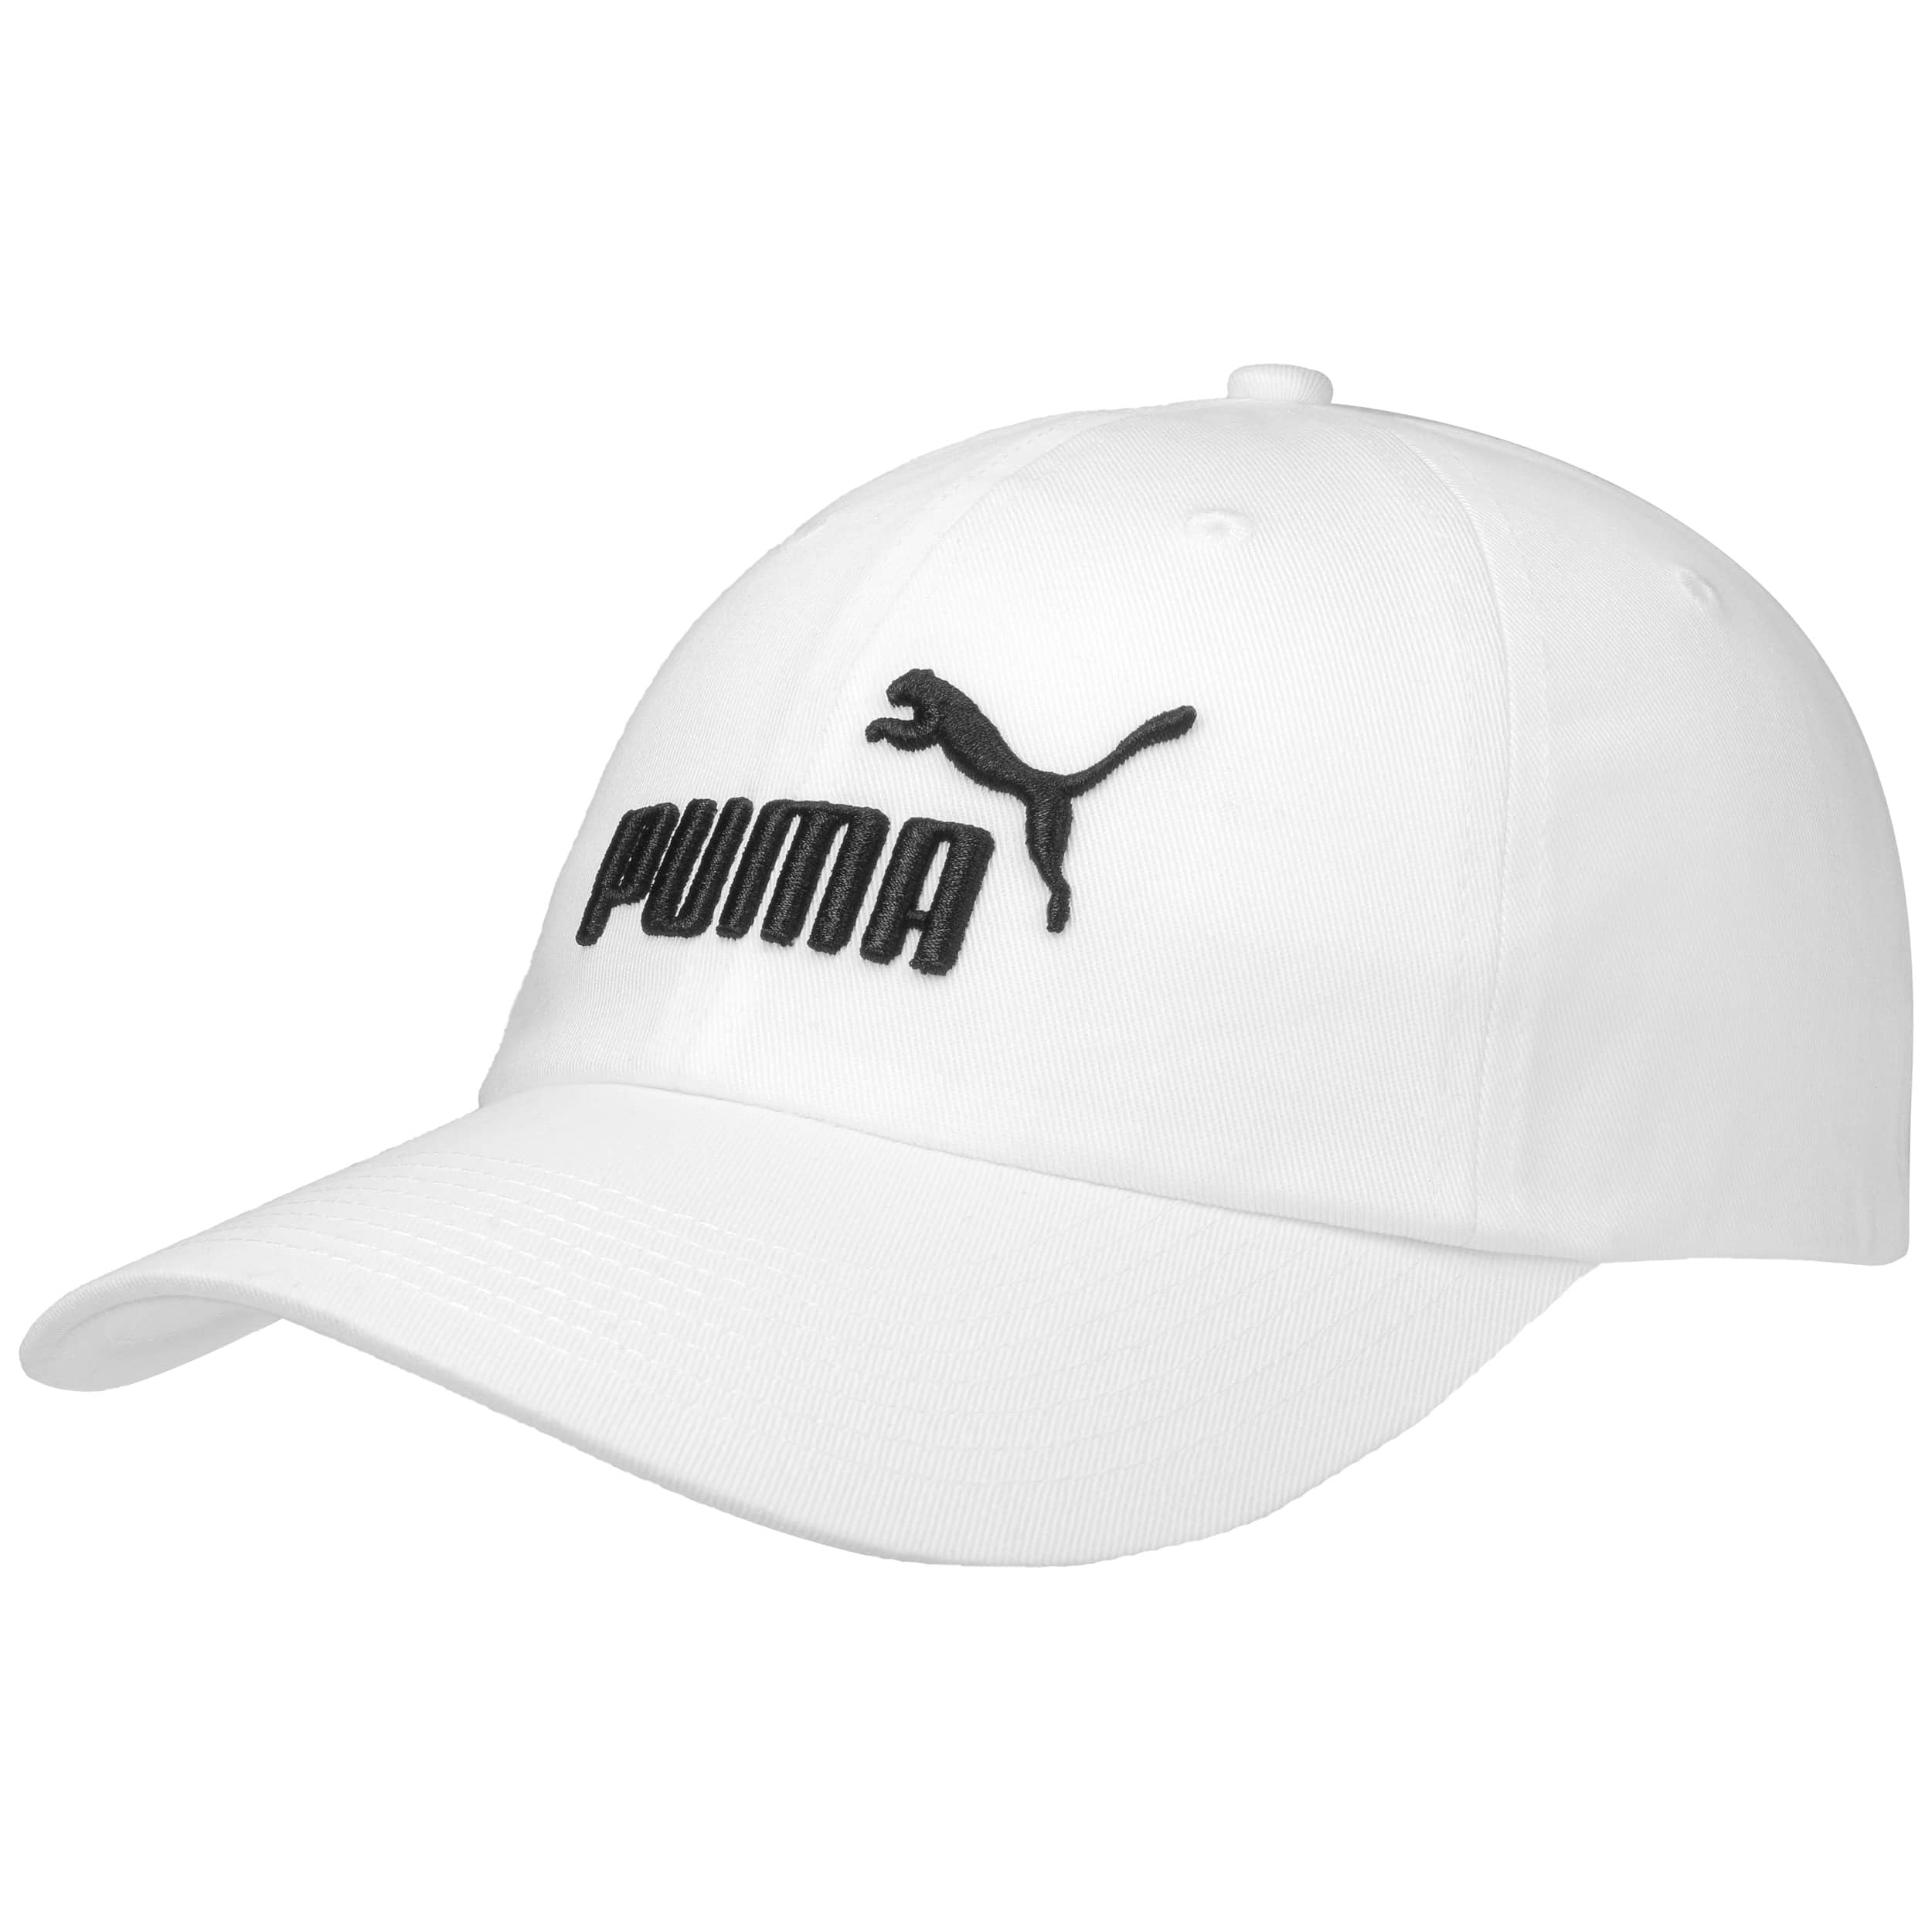 6ffcdd6d99de 1 Baseball Cap by PUMA - white 5 ...